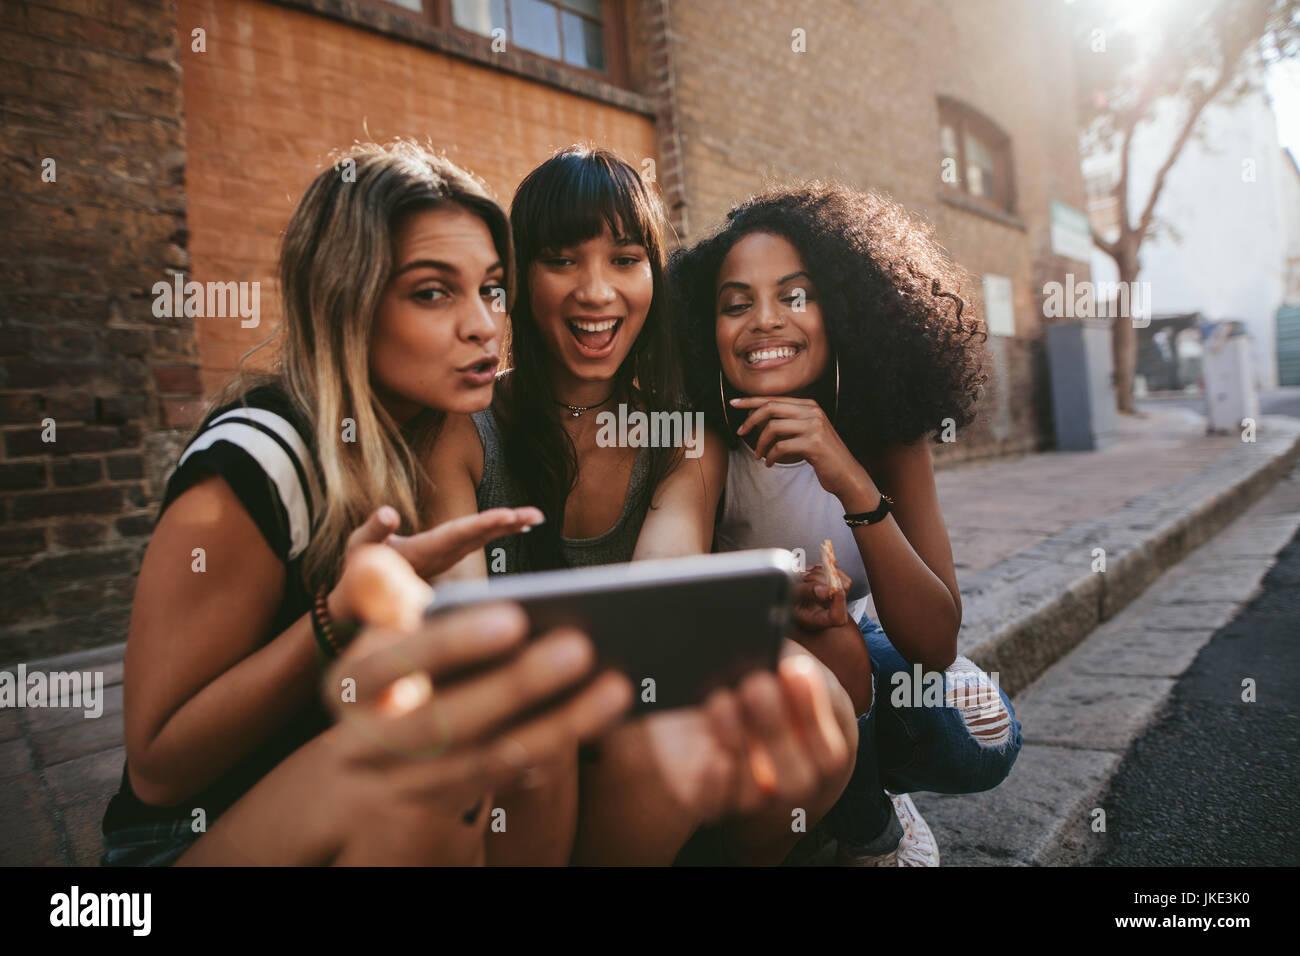 Amici di sesso femminile seduti all'aperto e rendendo selfie con smart phone. Multi gruppo etnico di donne appendere Immagini Stock